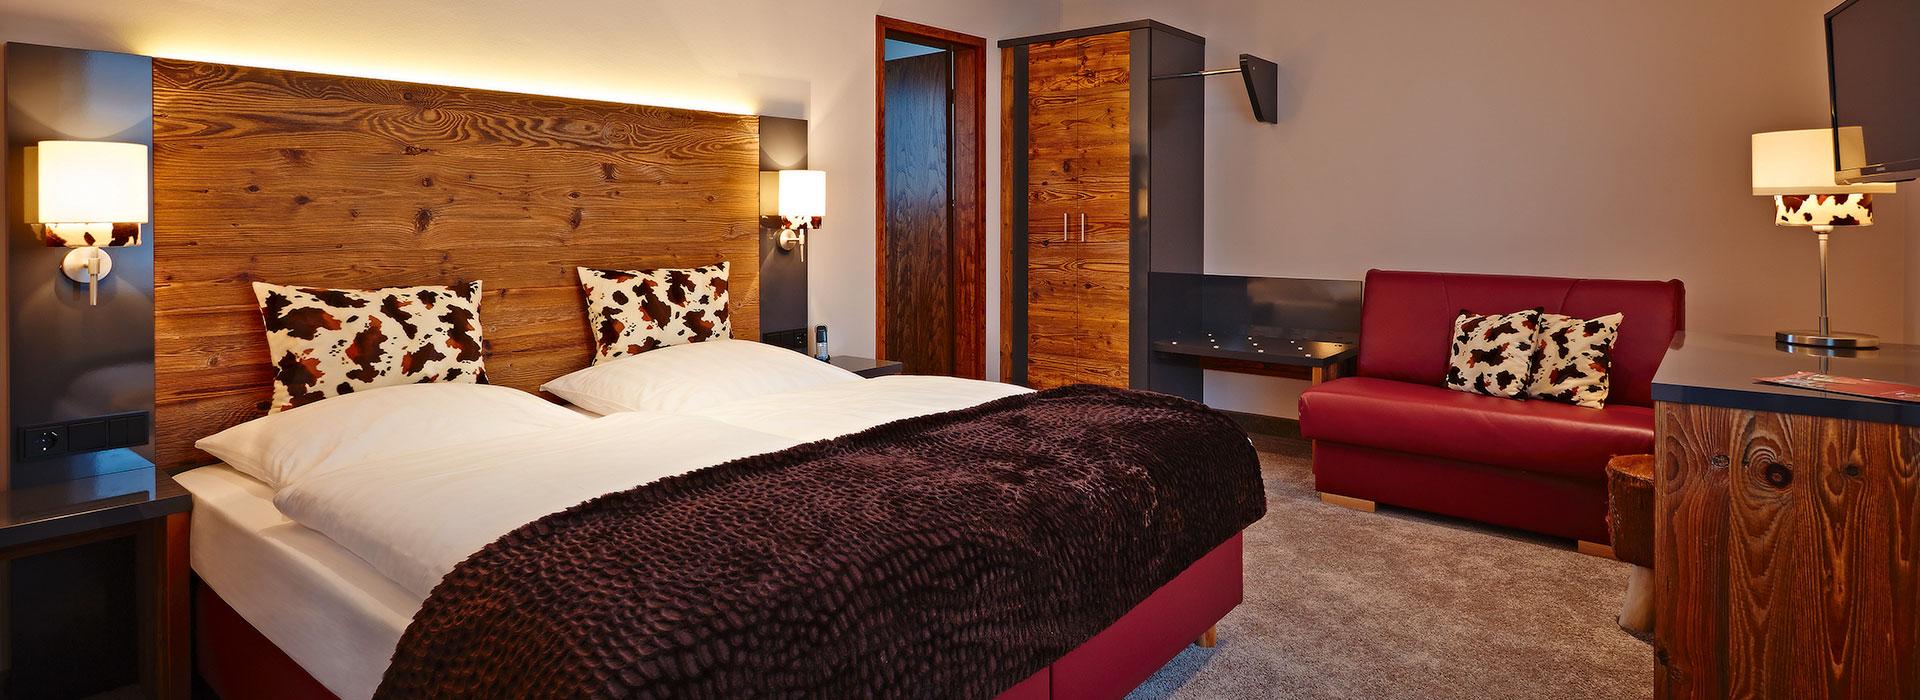 Hotel Zur Post Welling